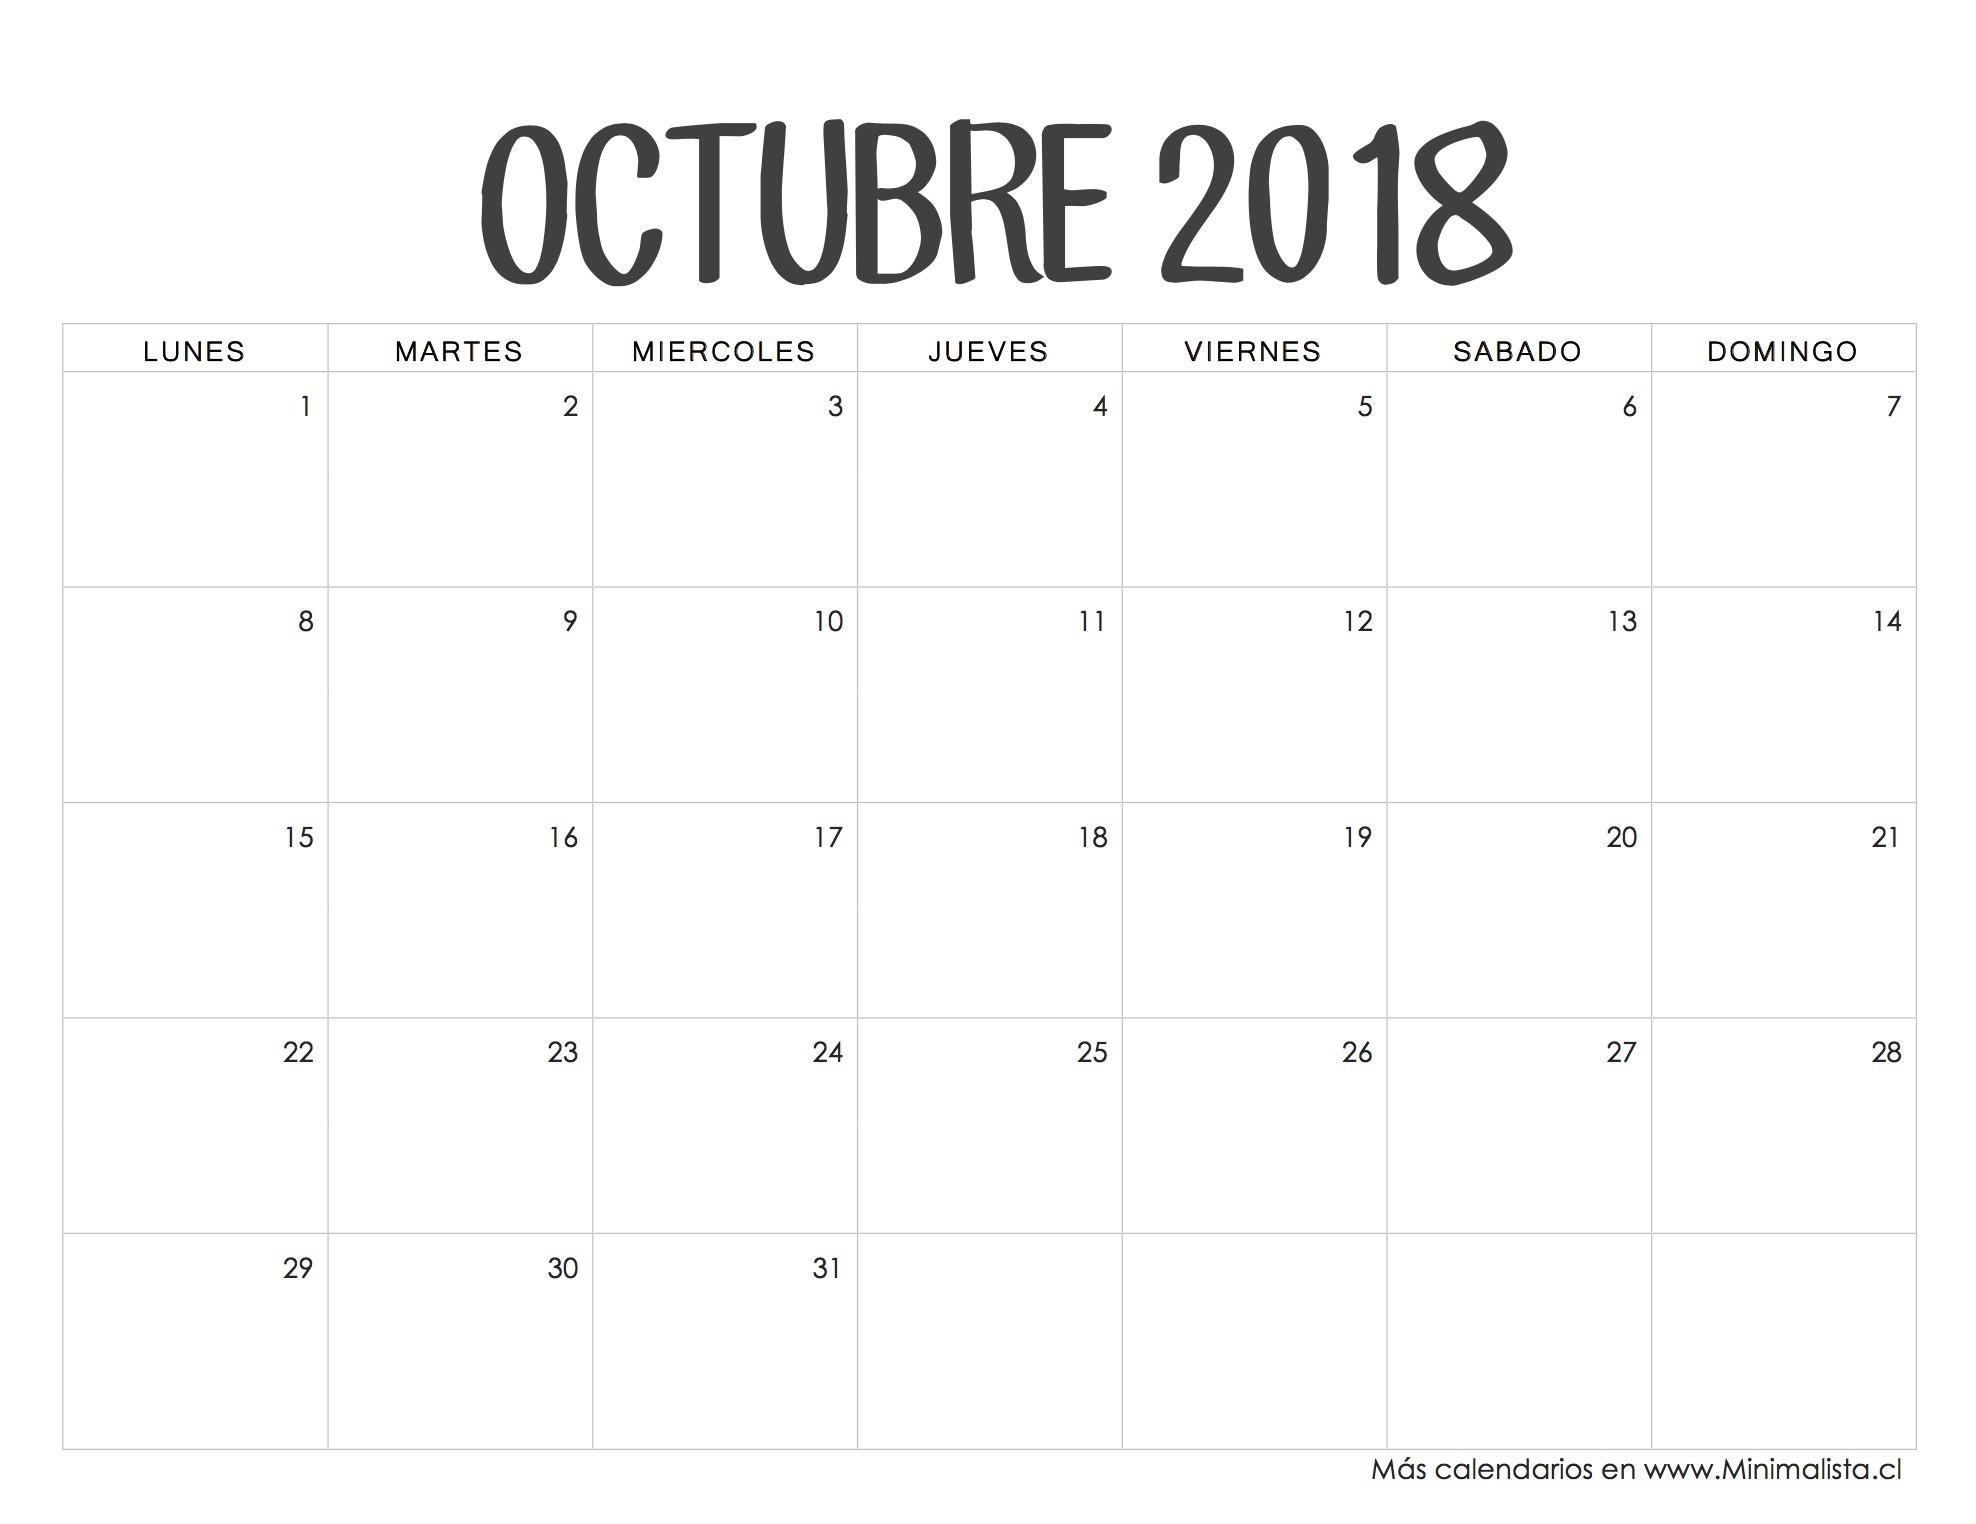 Calendario Blanco Para Imprimir Actual Noticias Calendario 2017 Para Imprimir Michelzbinden Of Calendario Blanco Para Imprimir Más Recientes Vuelta Al Cole 2017 100 Plantillas Y Horarios Gratis Para